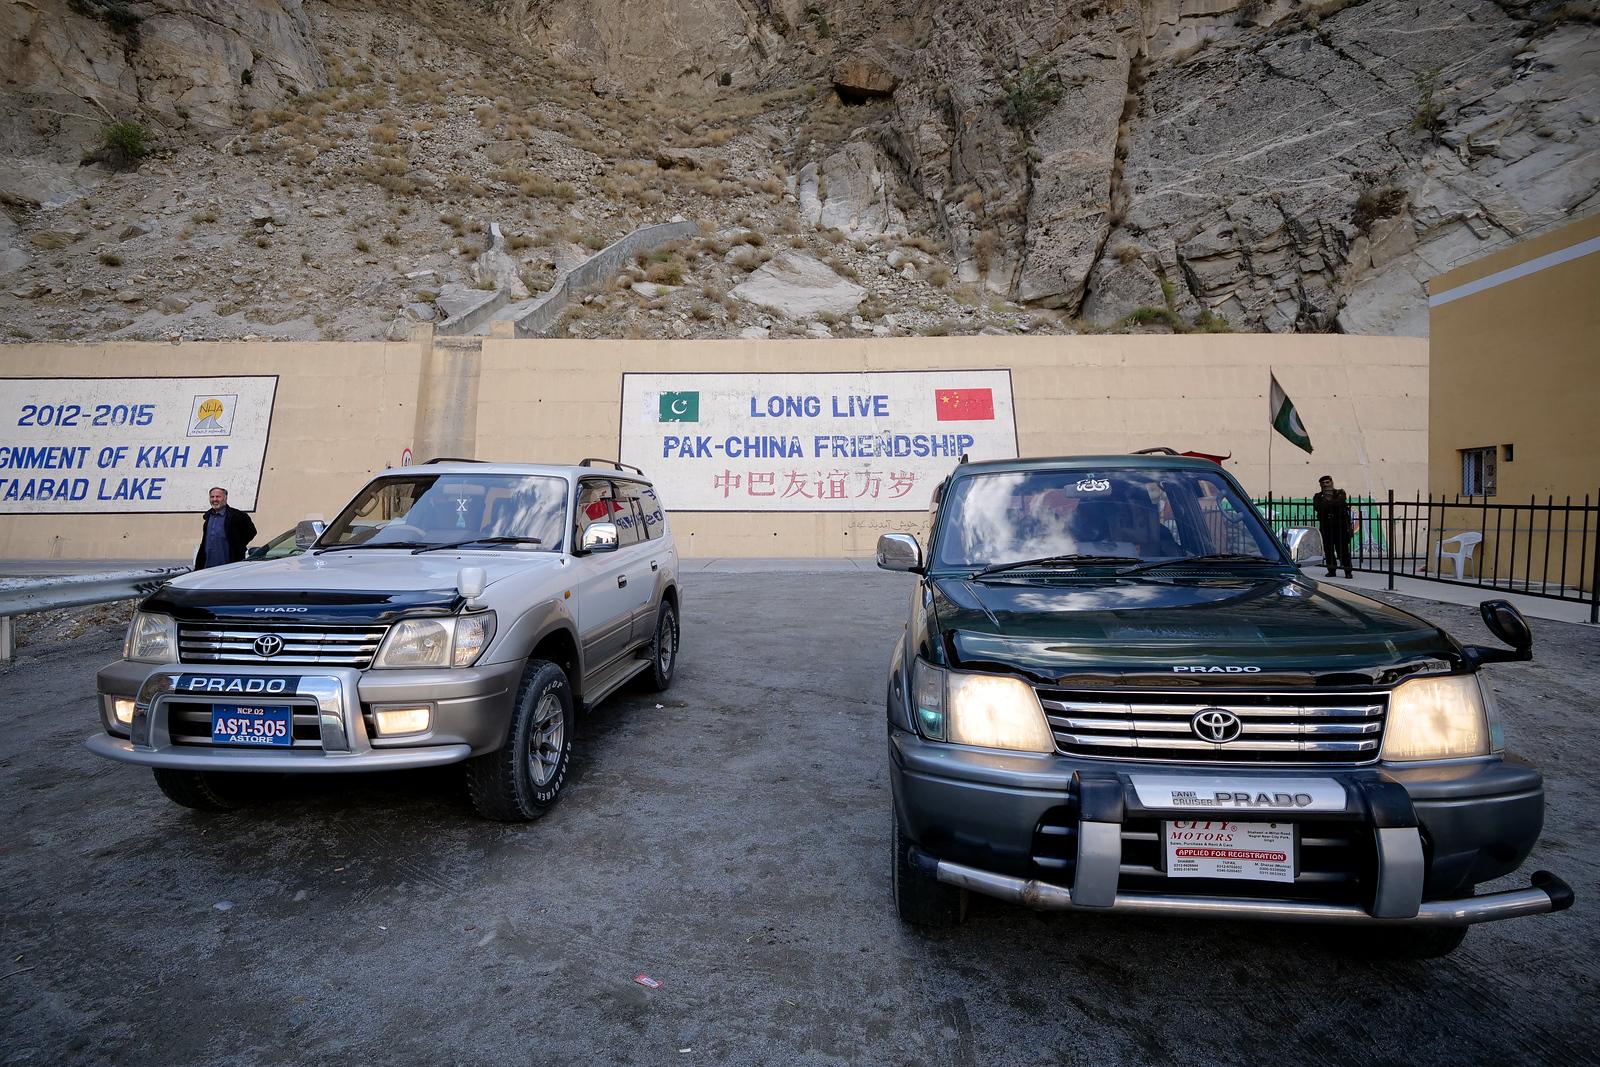 从巴基斯坦吉尔吉特租一辆丰田普拉多